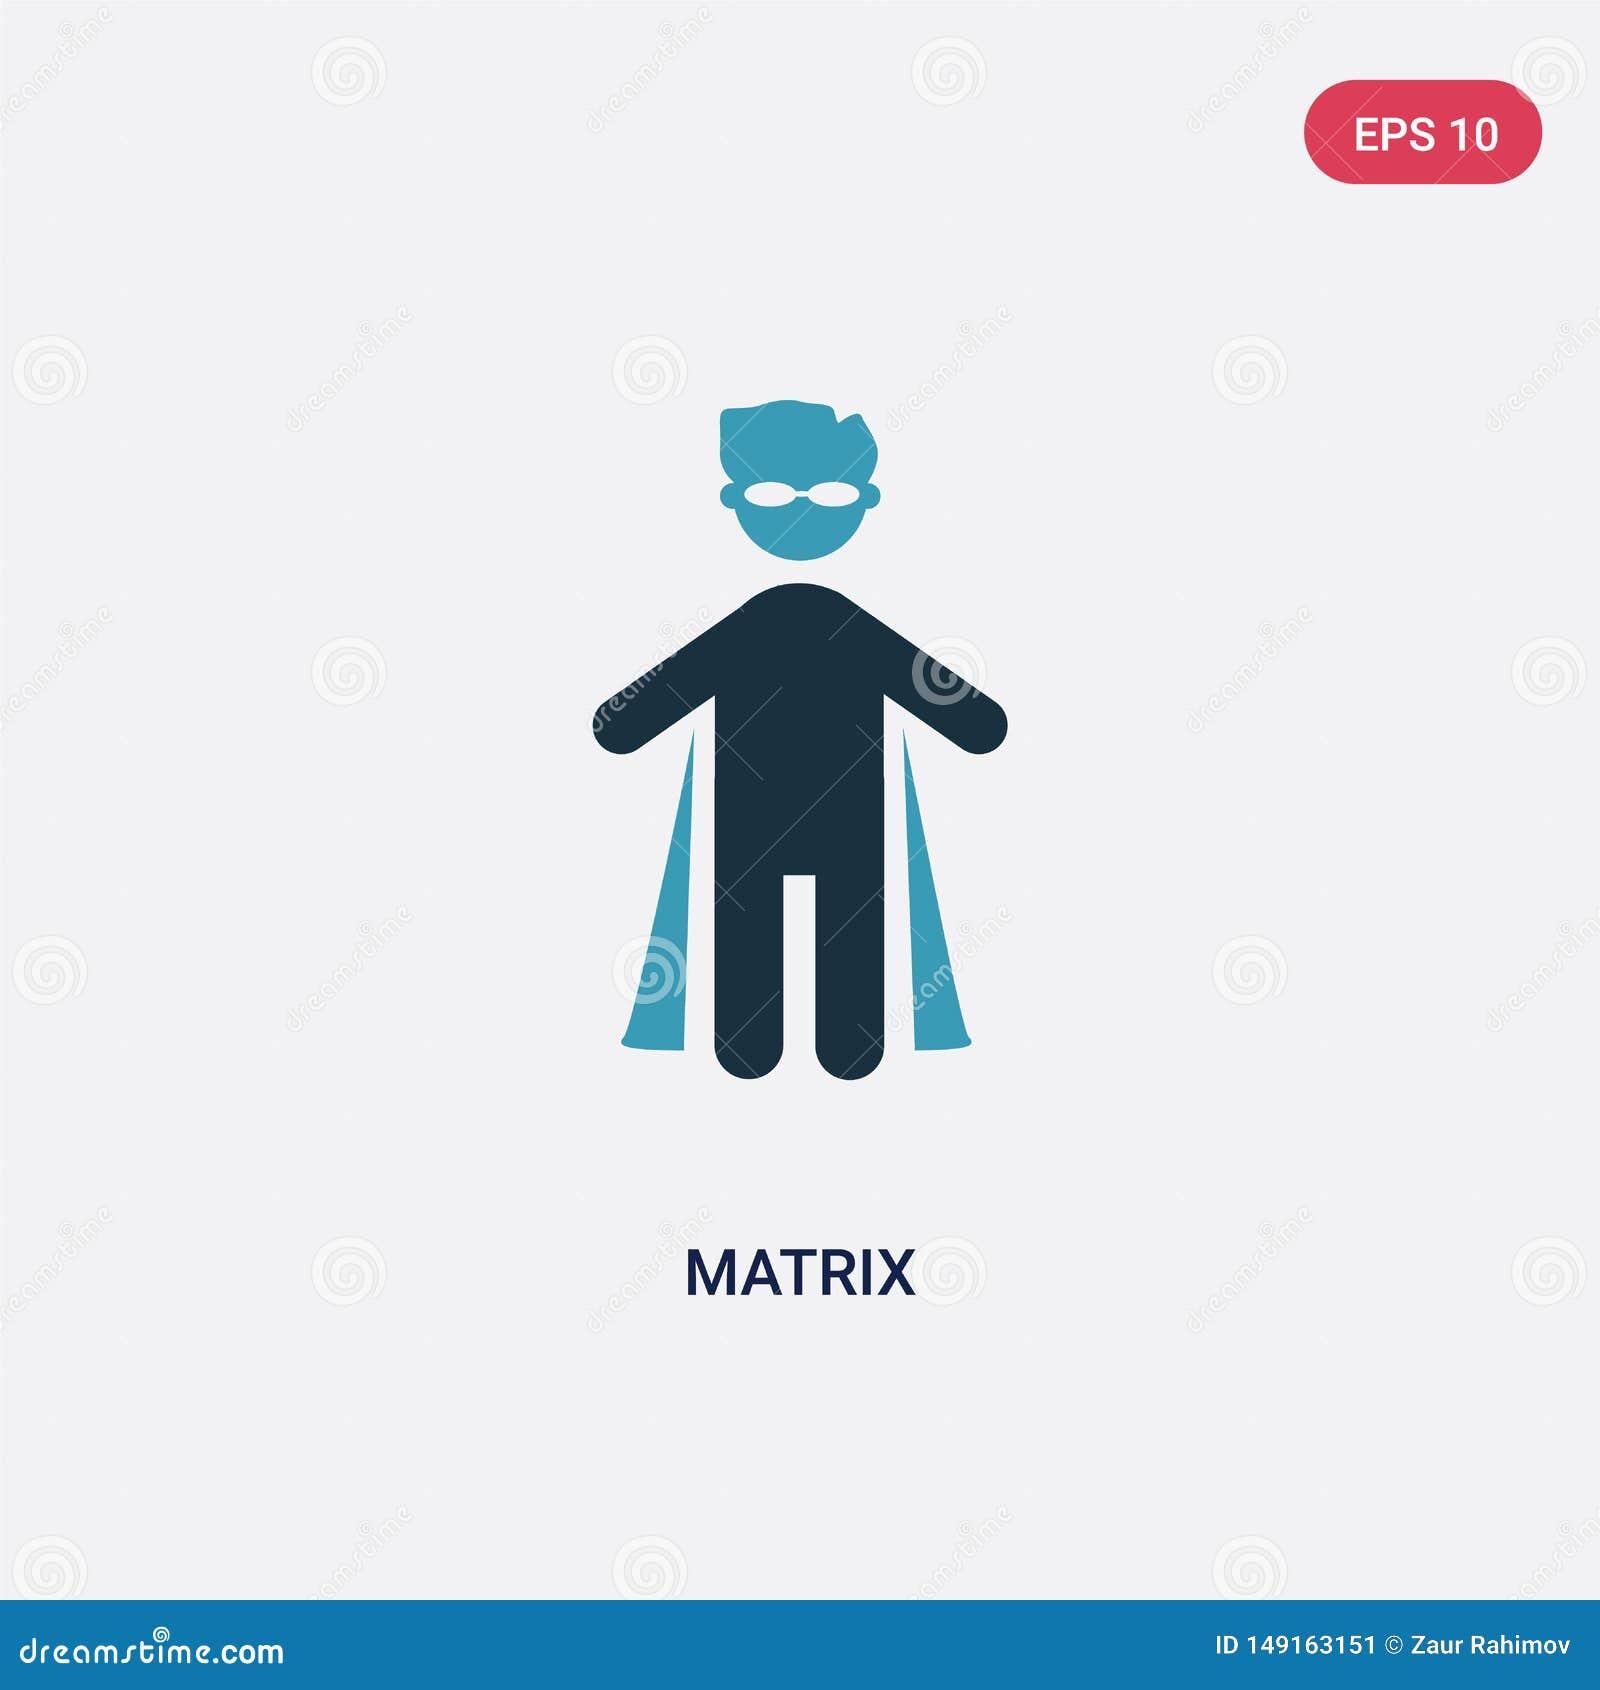 Значок вектора матрицы 2 цветов от концепции людей изолированный голубой символ знака вектора матрицы может быть пользой для сети